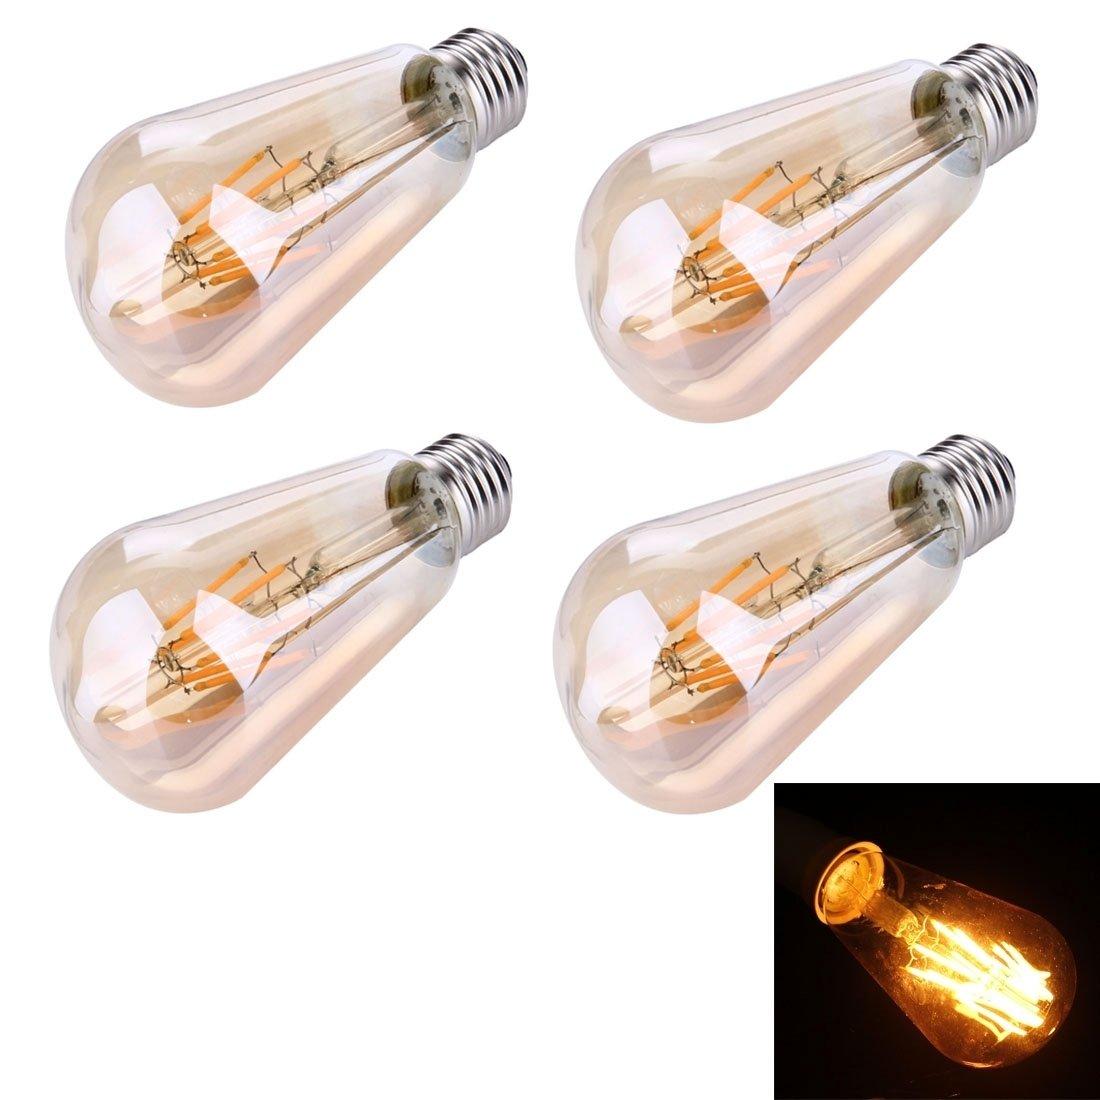 Dauerhaft Gut aussehende Mode 4 STÜCKE ST64 E27 6W 6 LEDs 480 LM Retro Energiesparende LED-Glühlampe für Hallen, AC 85-265V Mode